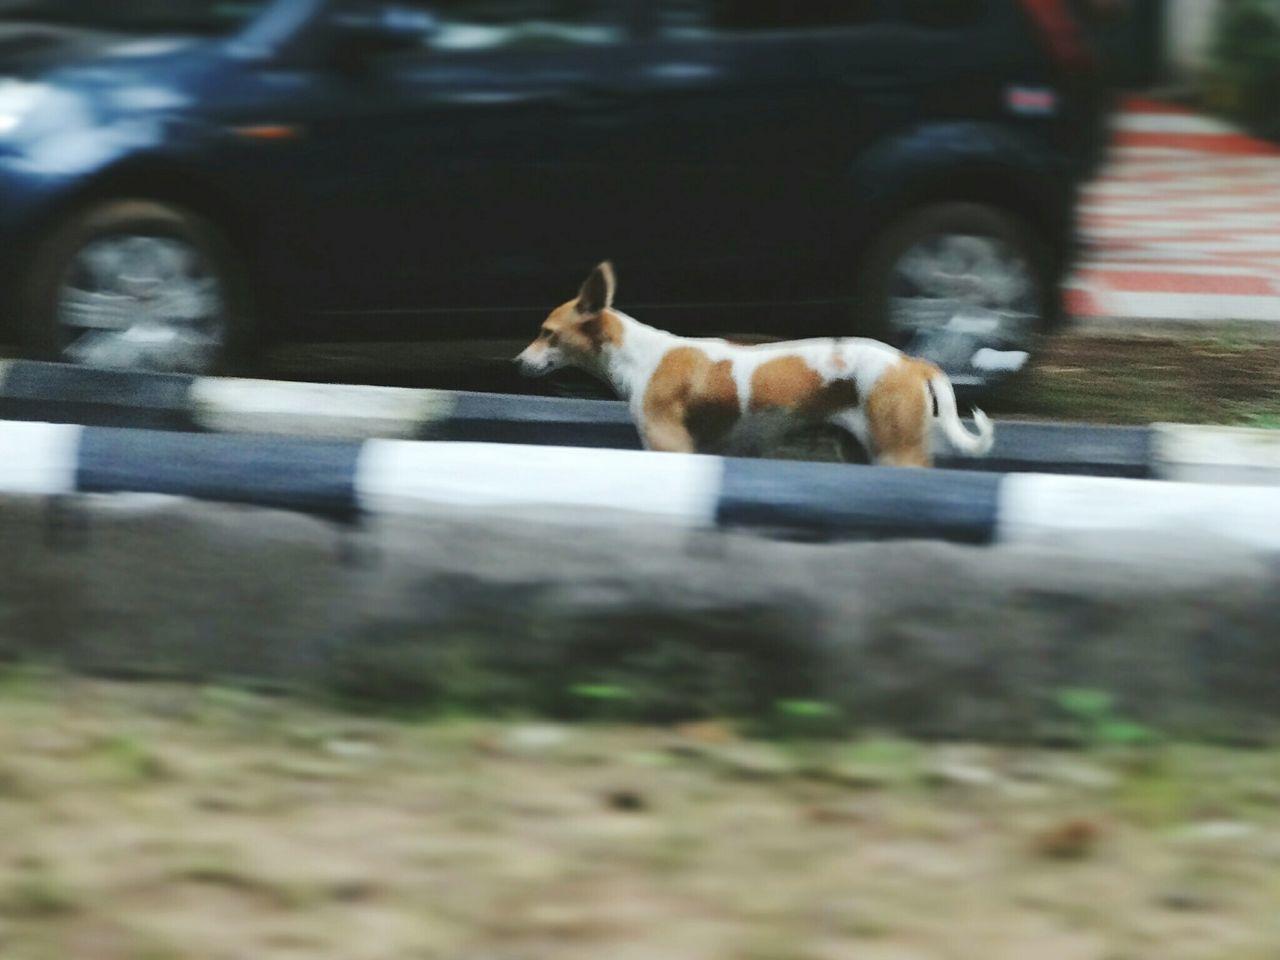 Dog Walking On Street Against Car